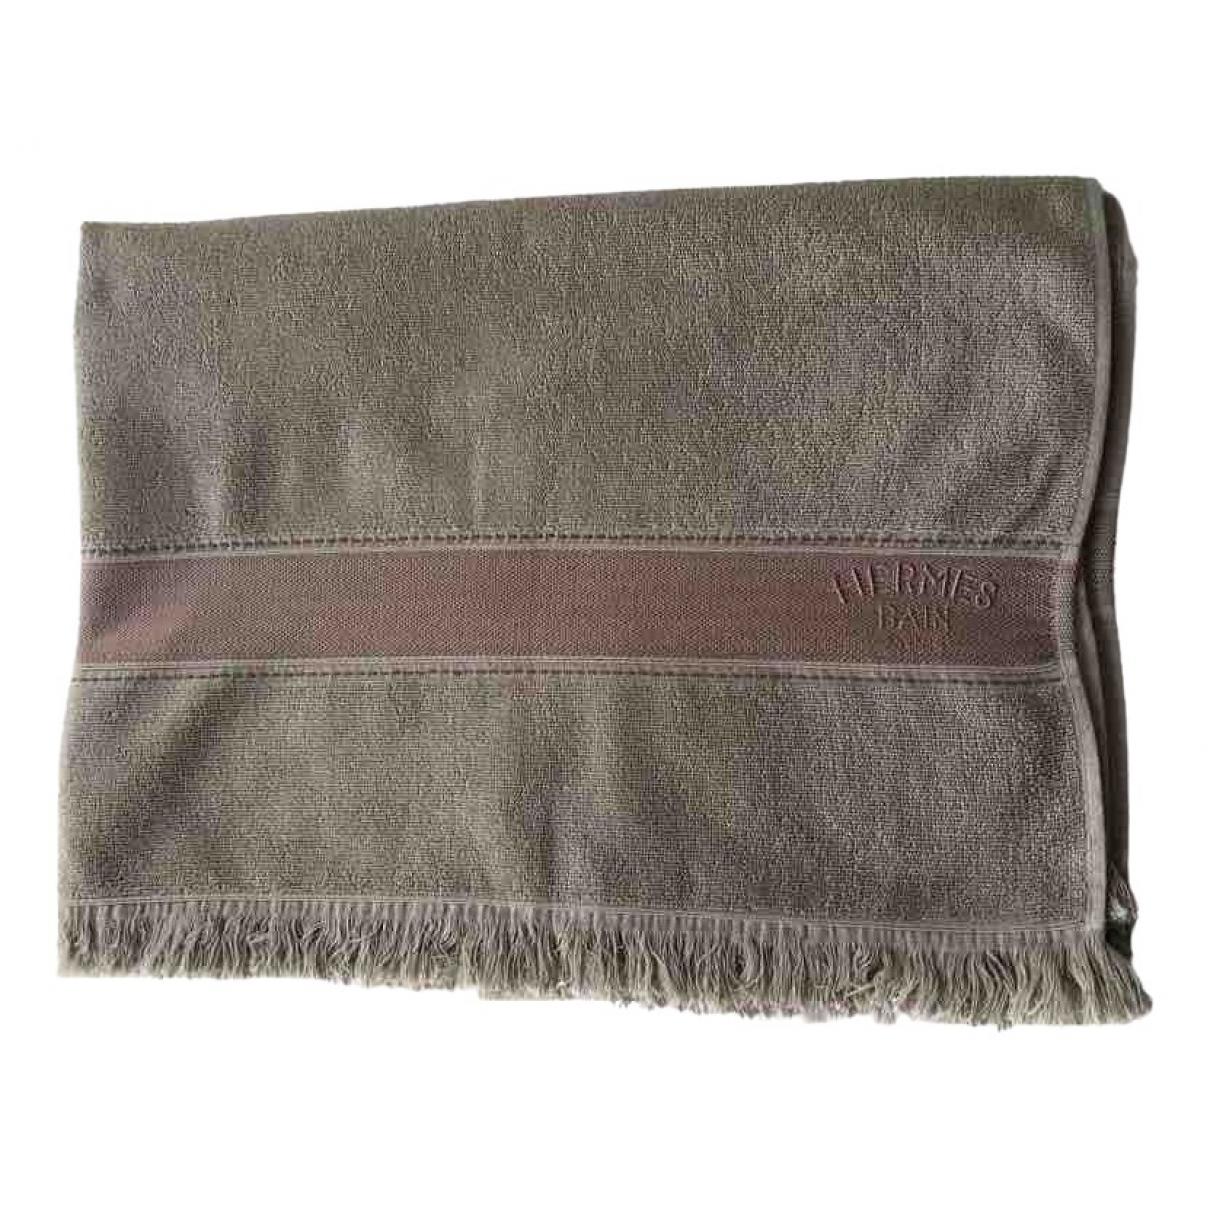 Hermes - Linge de maison   pour lifestyle en coton - beige